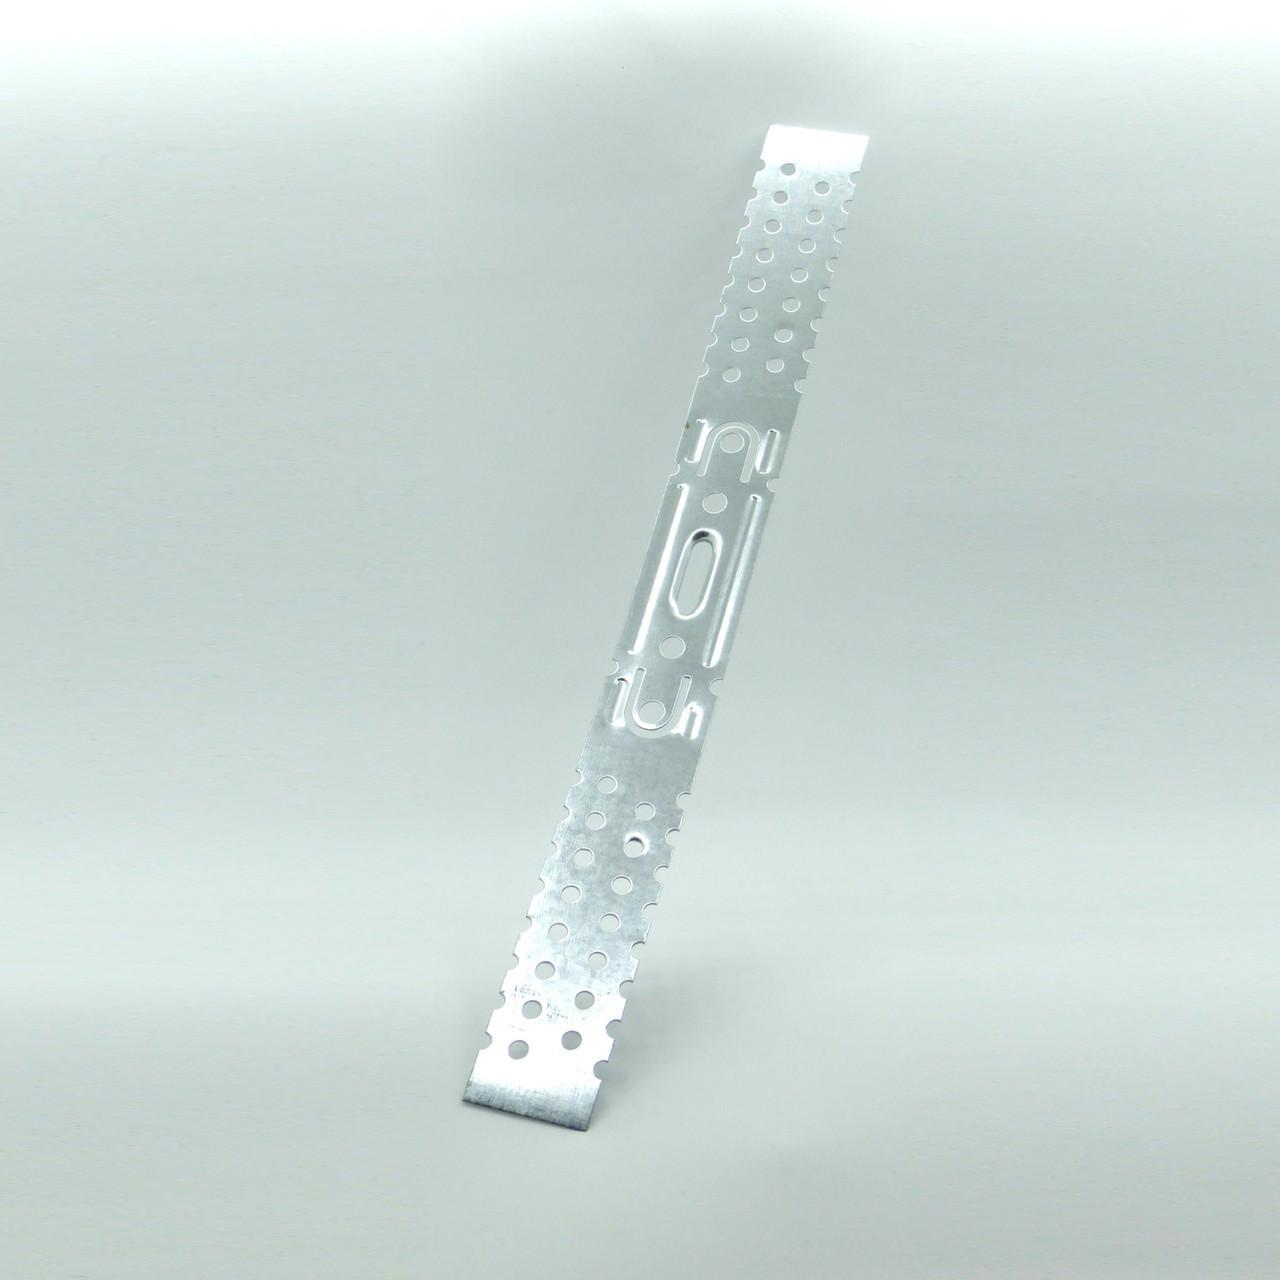 Крепеж для монтажа светильников 125 мм, подвес универсальный, пешки